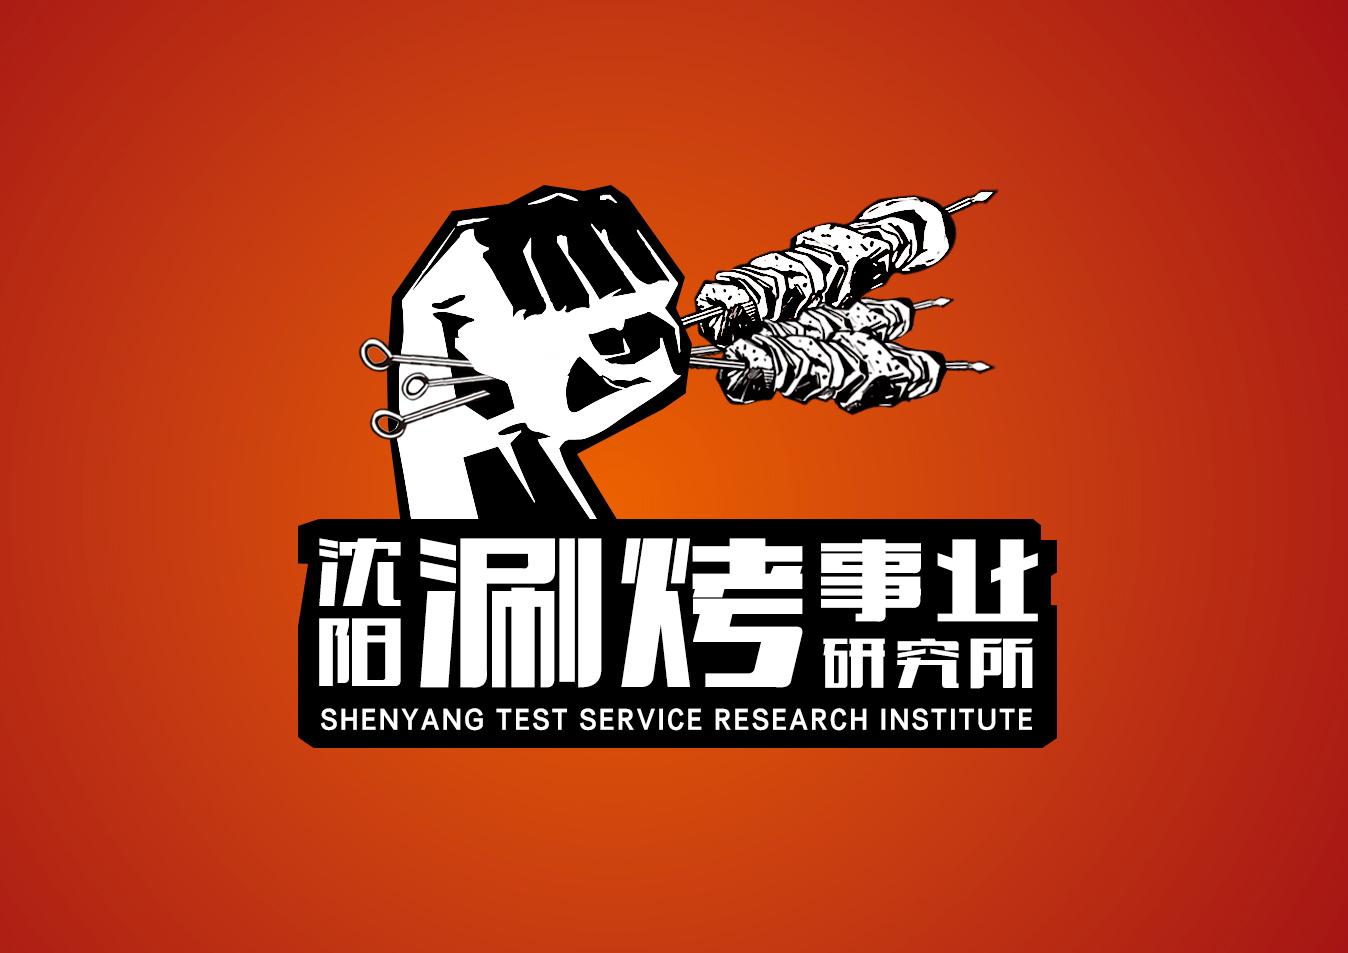 沈阳烧烤事业 - logo - 设计